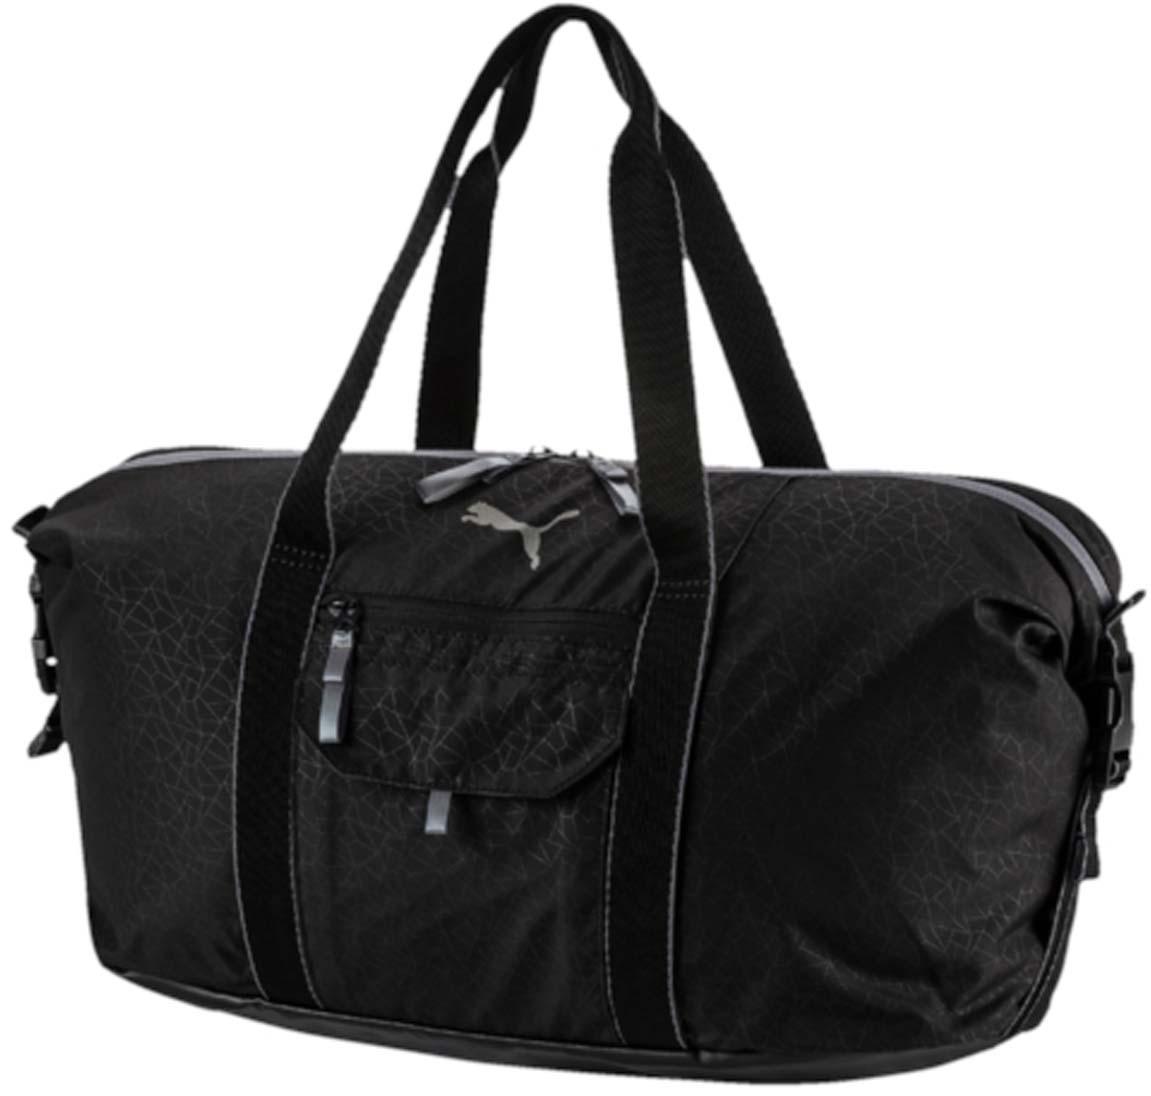 """Сумка спортивная женская Puma """"Fit At Workout Bag"""", цвет: черный. 07437401"""